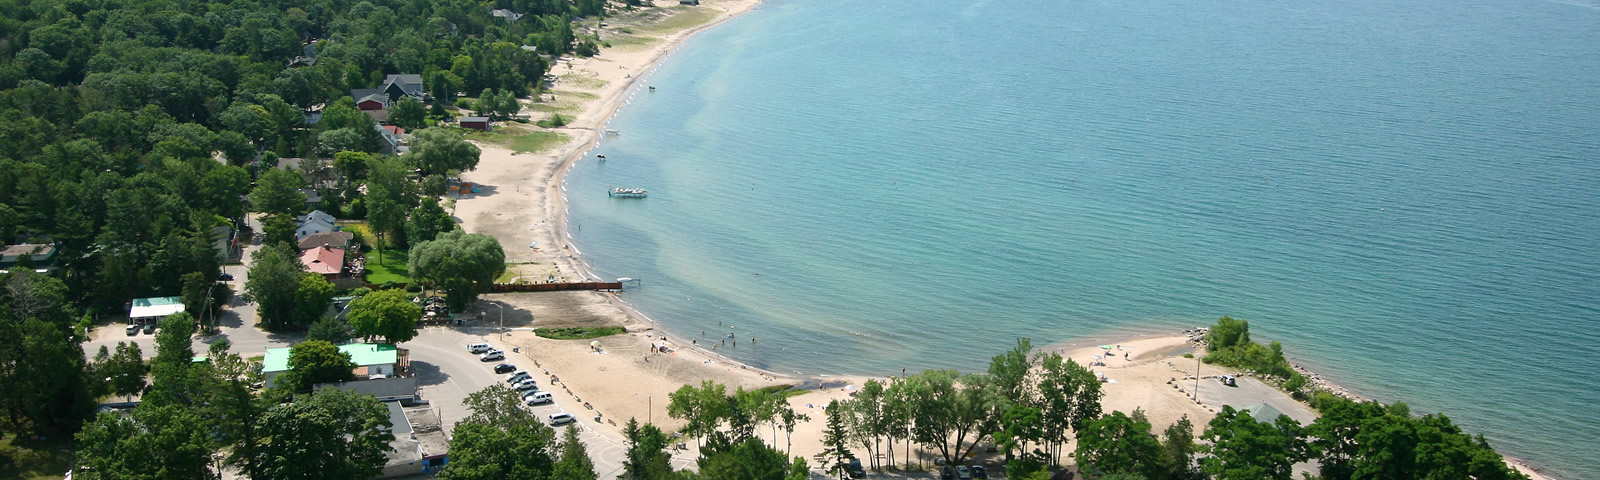 Tiny Balm Beach Arial View